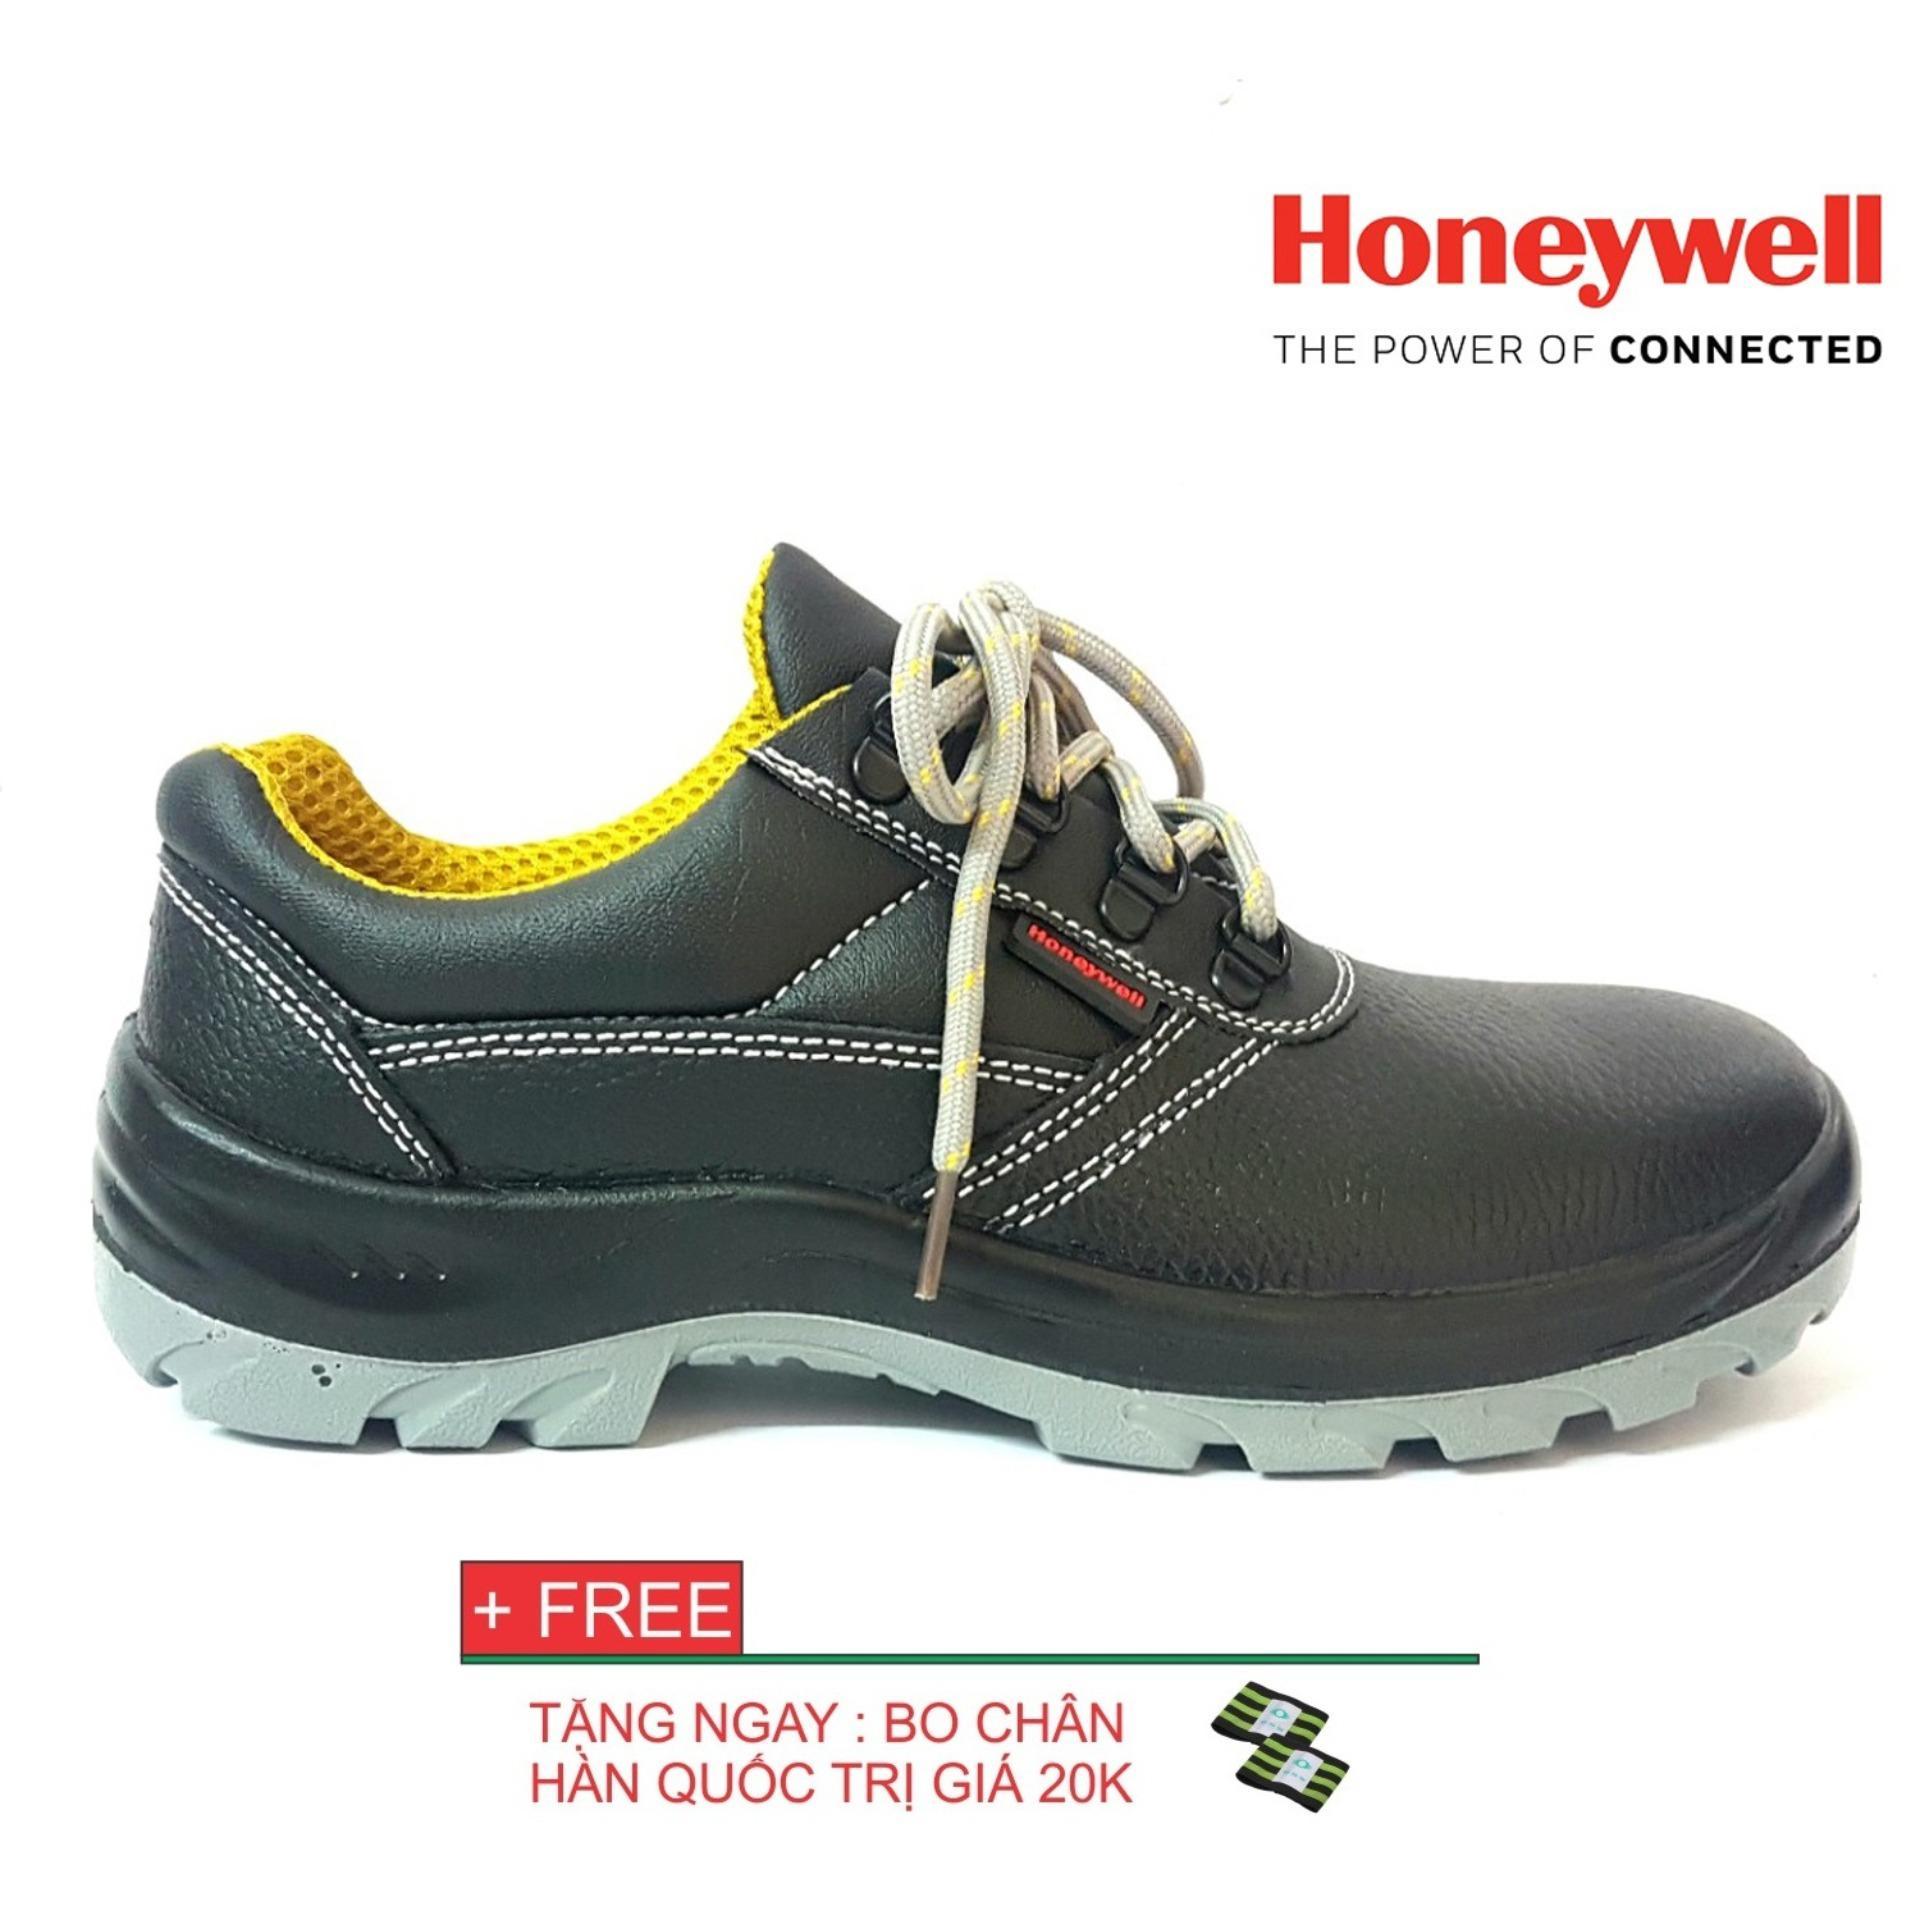 Hình ảnh Giày bảo hộ cao cấp nhập khẩu honeywell thấp cổ size 42 tặng kèm bo chân hàn quốc